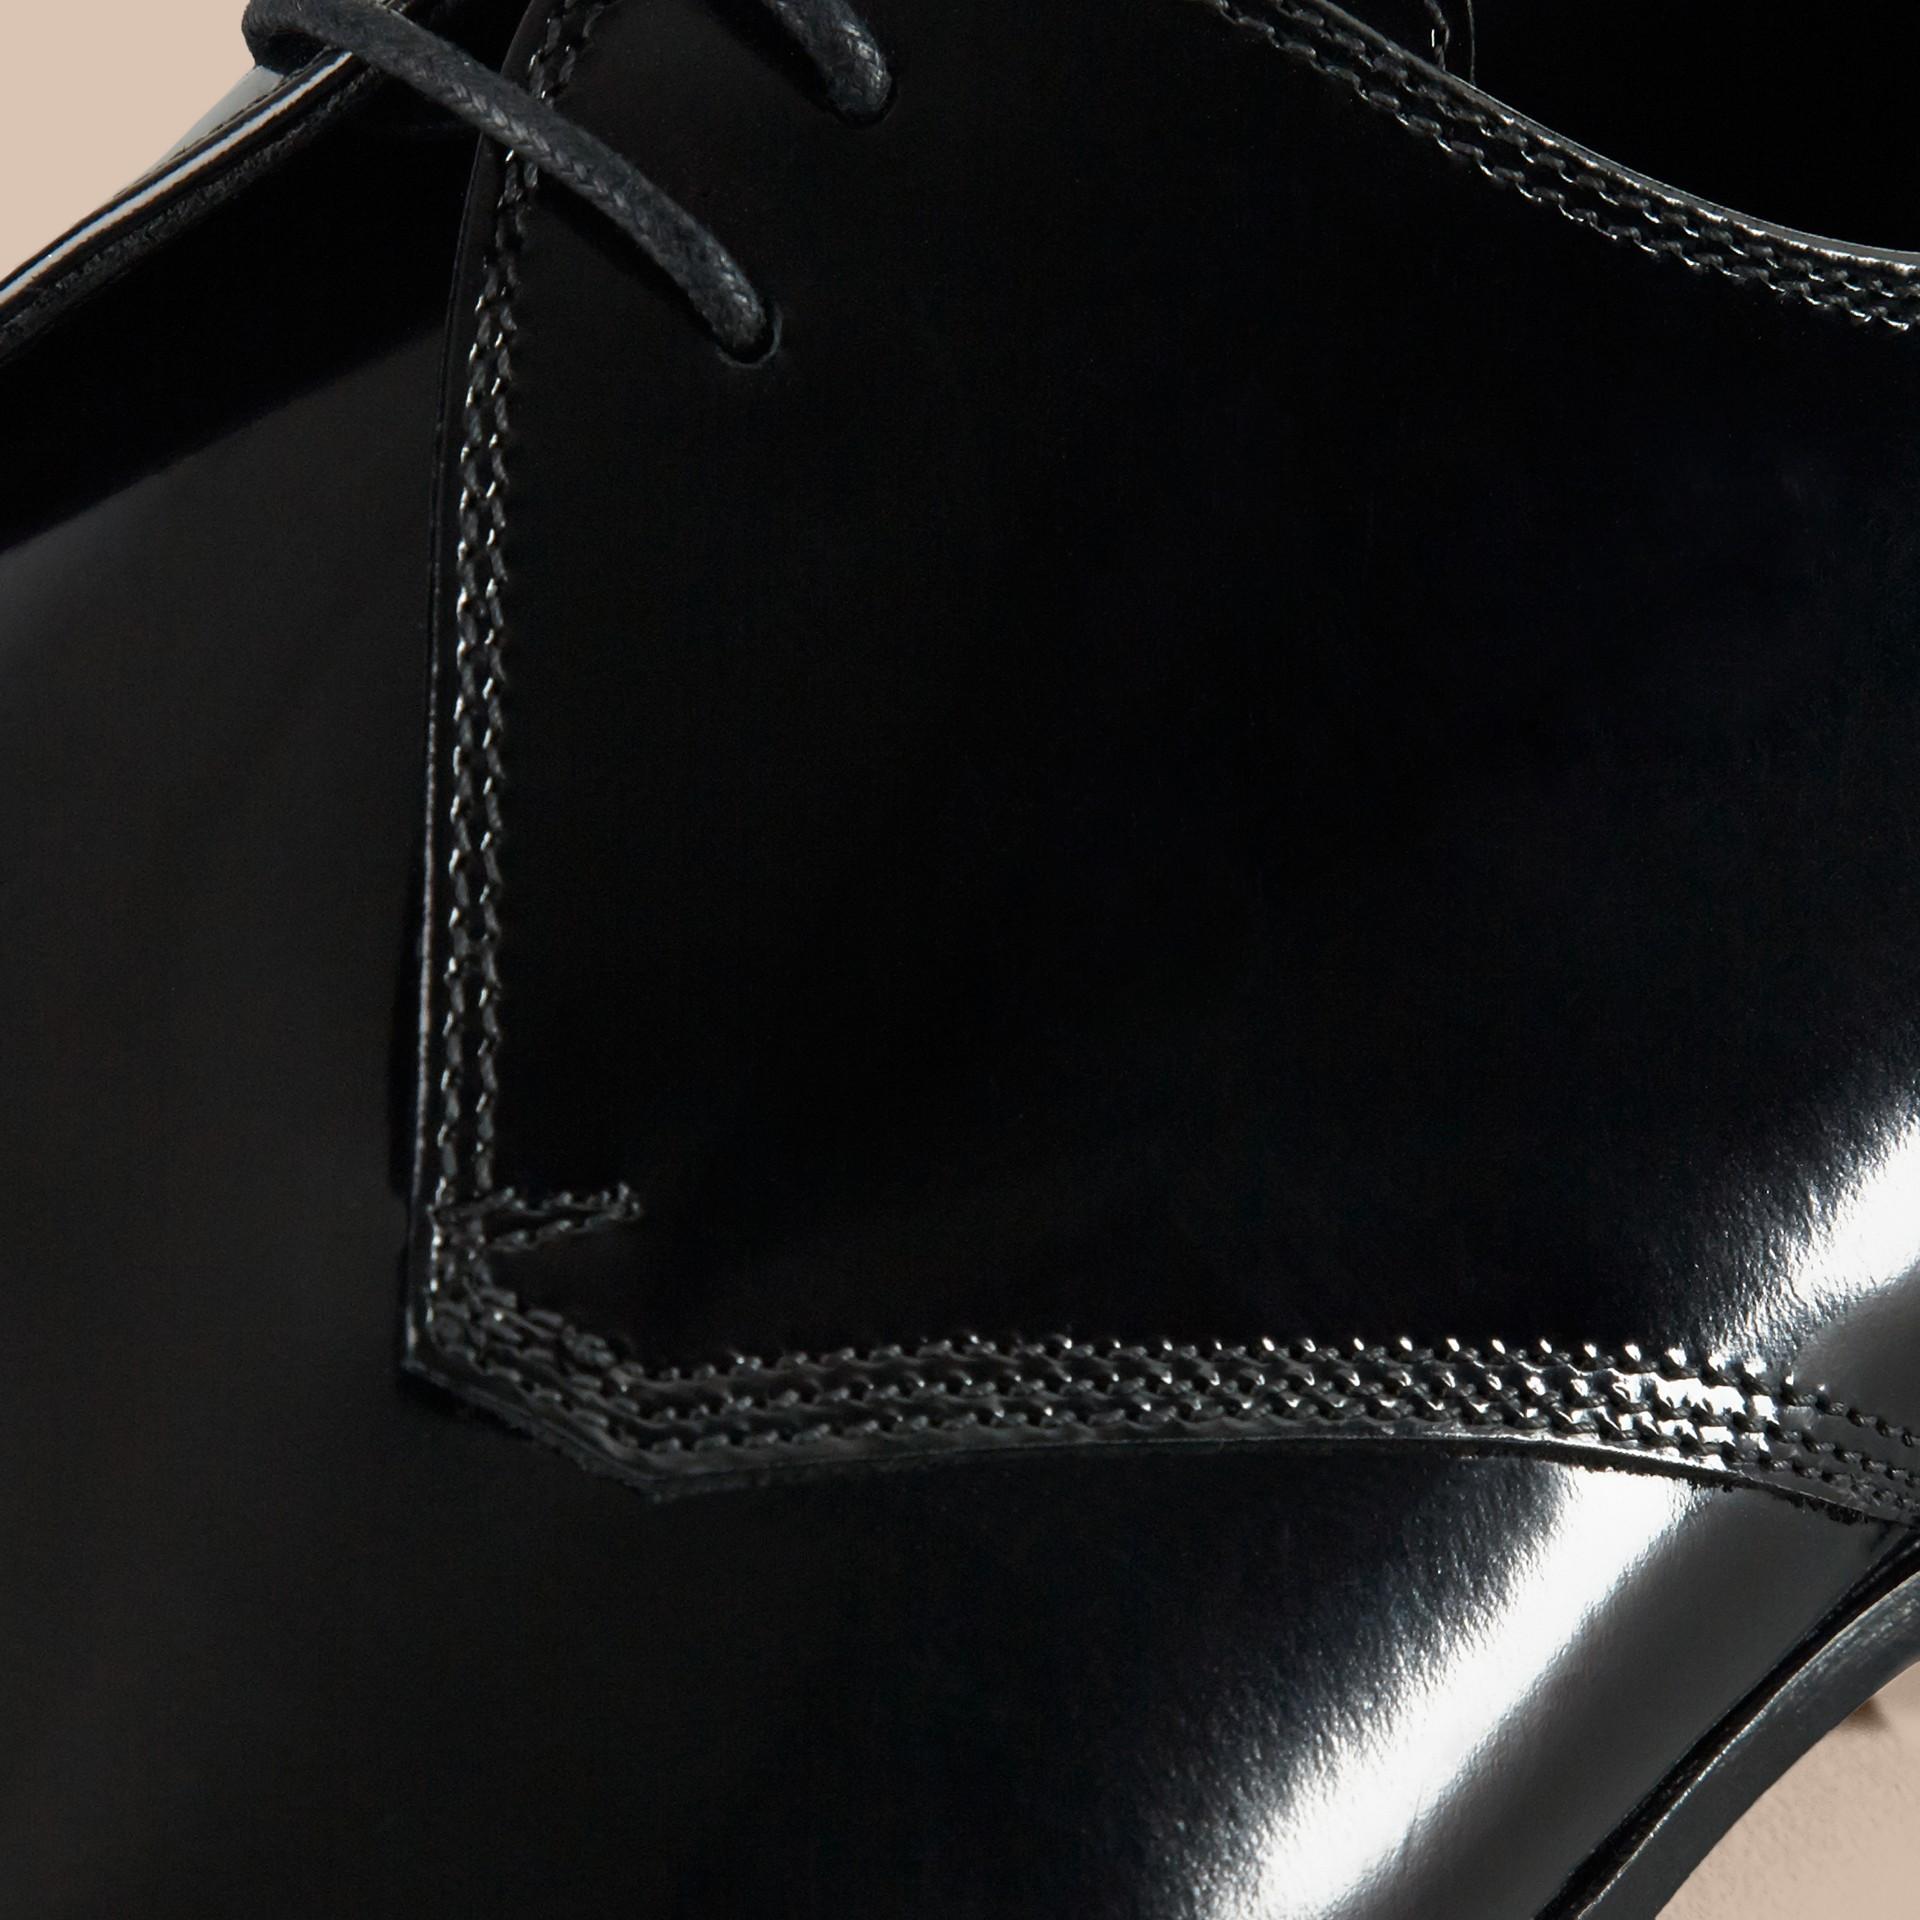 Nero Scarpe da cerimonia in pelle lucida - immagine della galleria 2